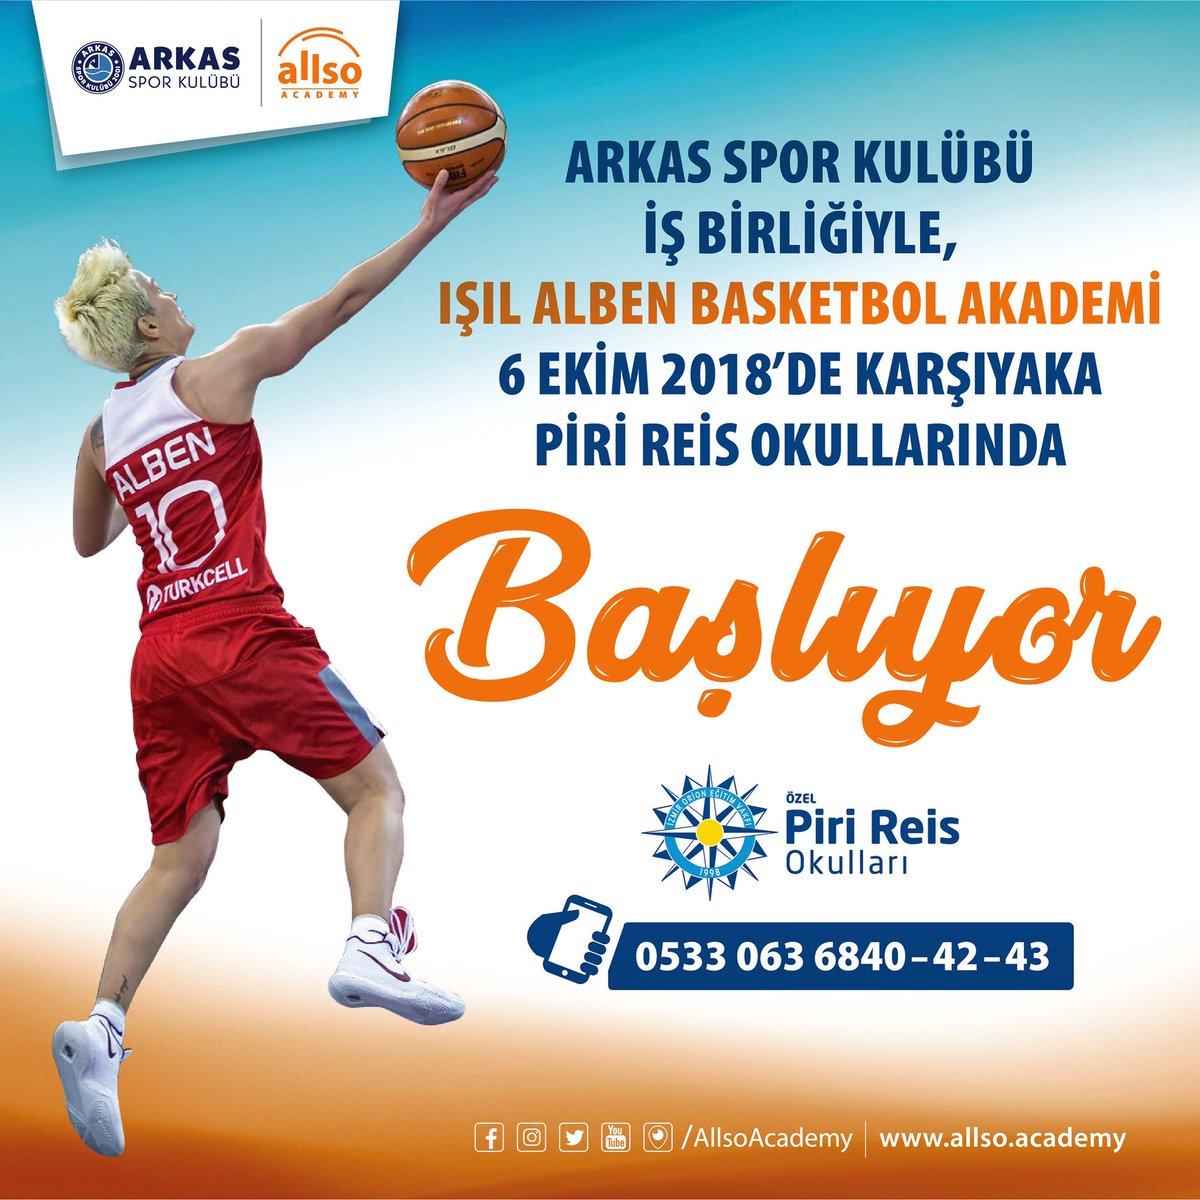 TEKRAR MERHABA İZMİR💙🏀💙 Yarın BAŞLIYORUZ👊🏻 #ışılalbenbasketbolakademi #basketboluseviyoruz